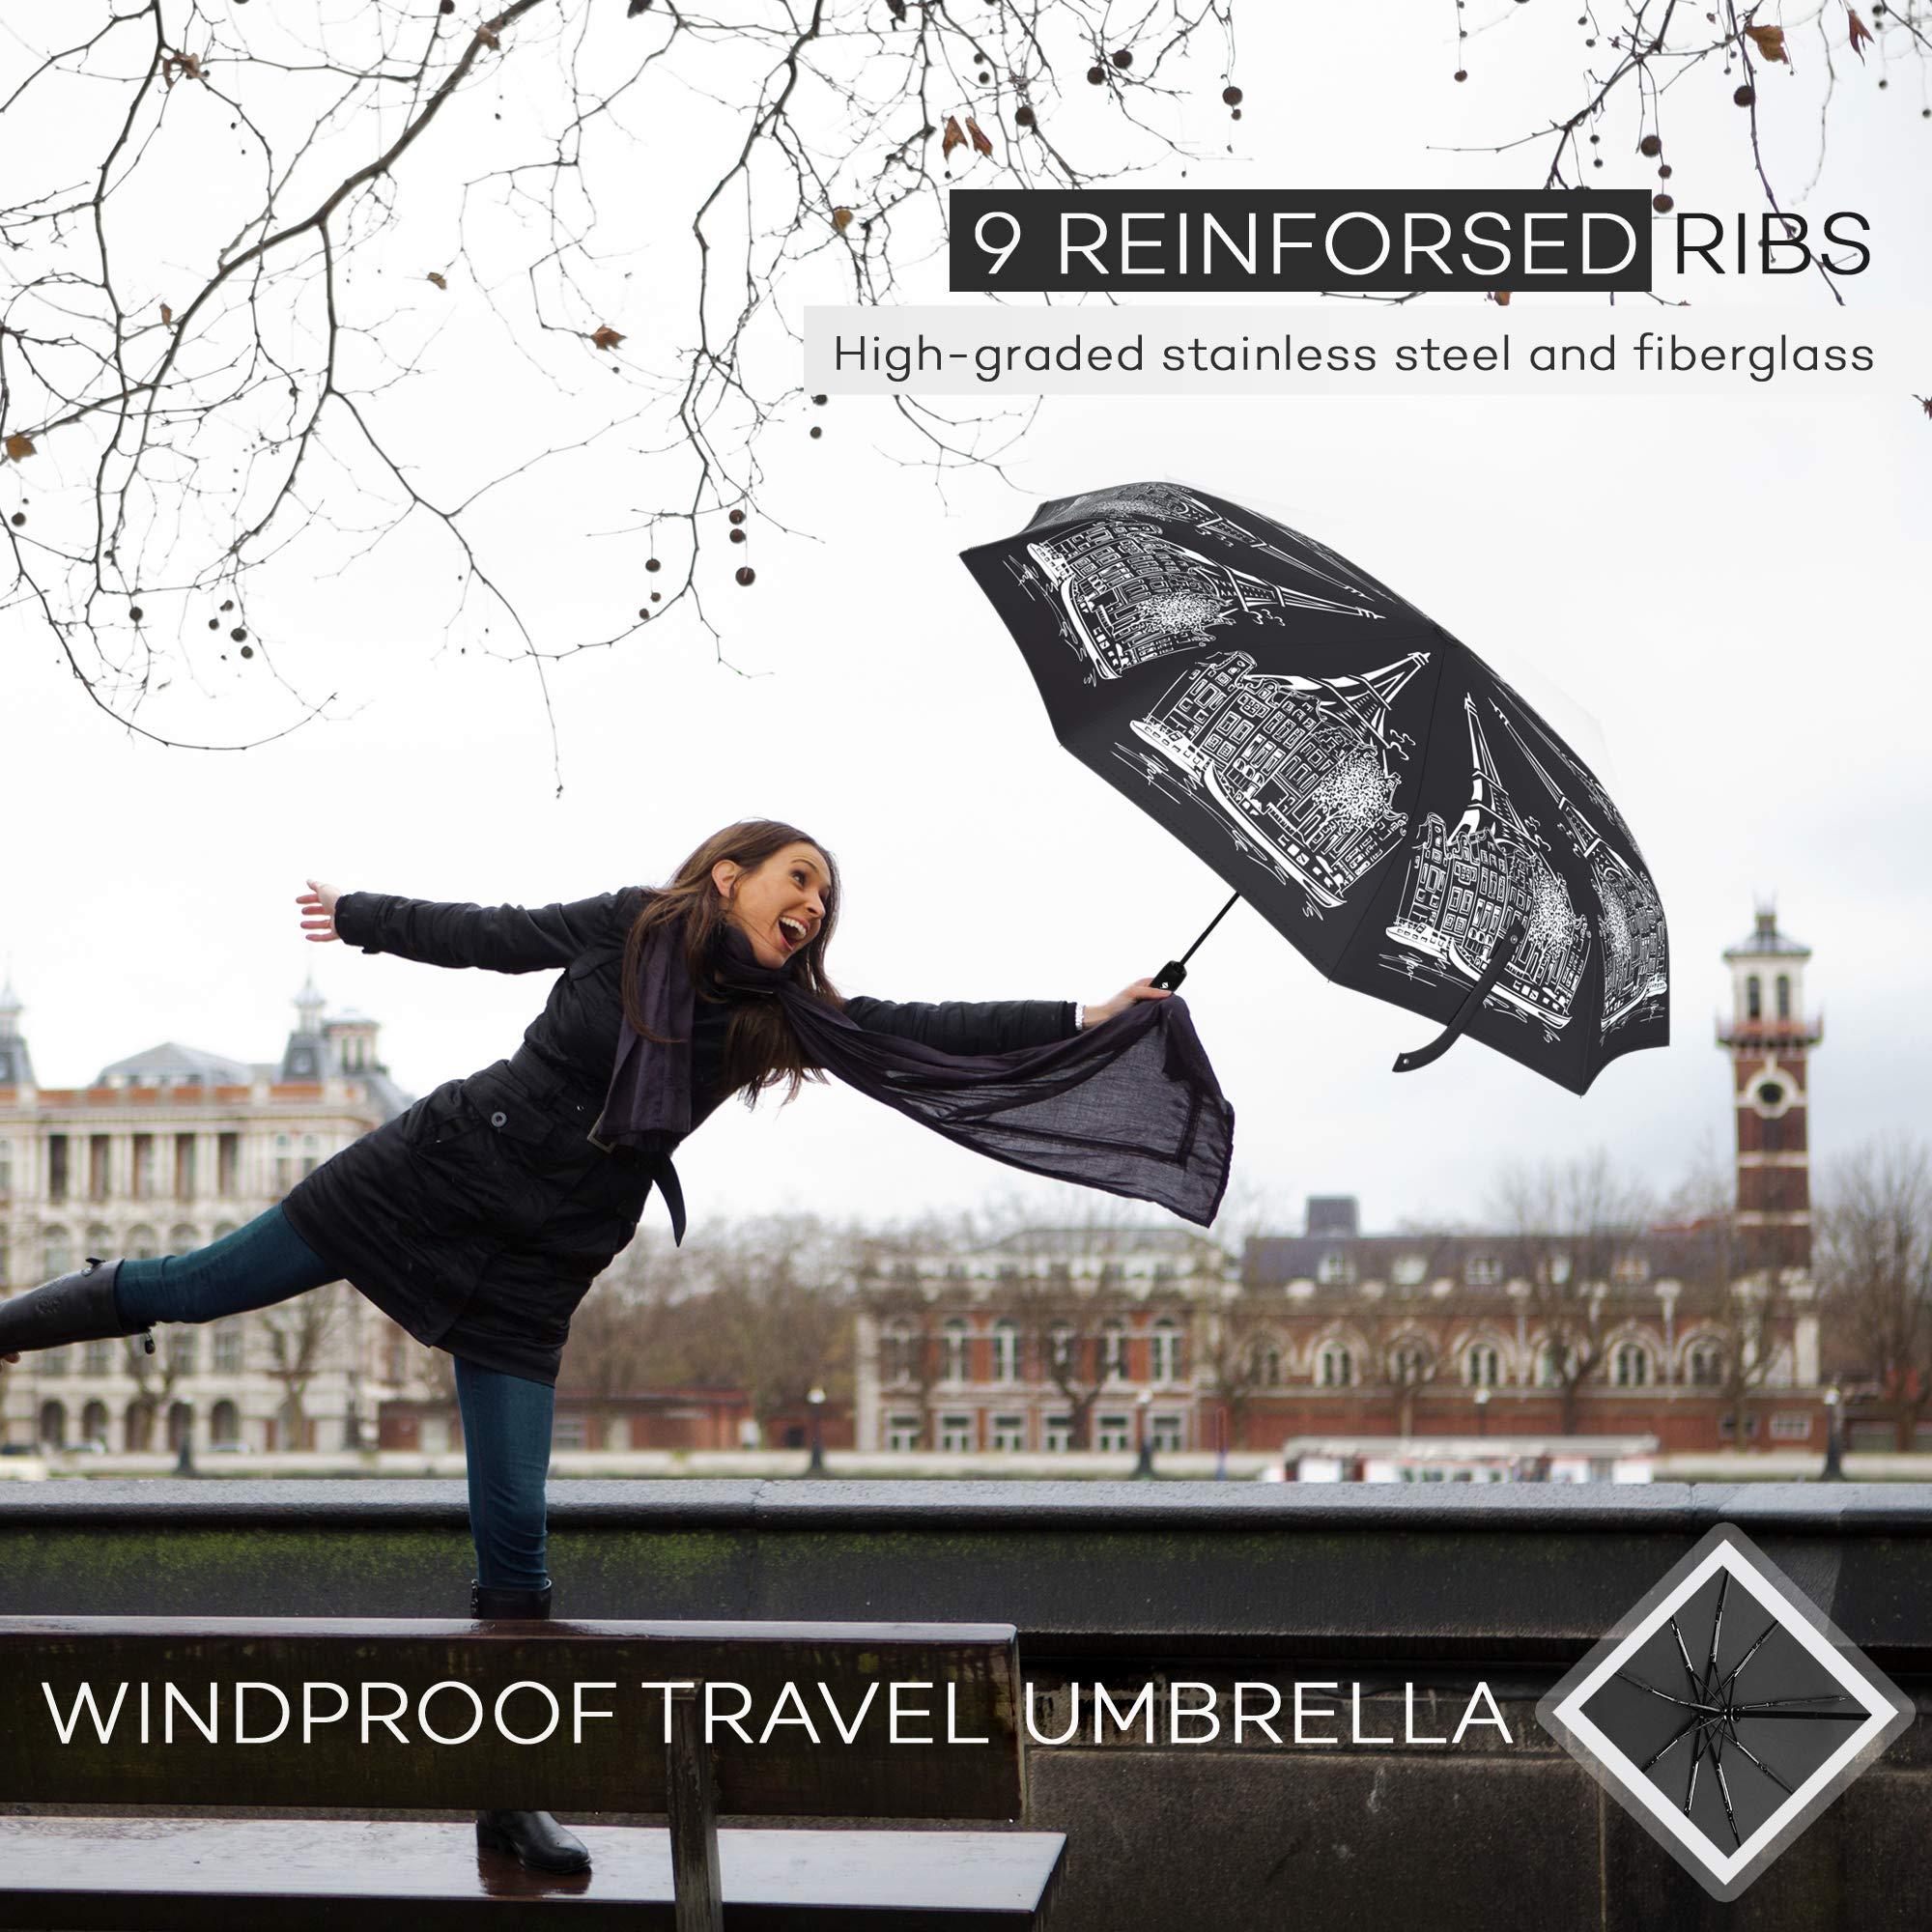 Compact Travel Umbrella - Windproof Water Repellent Teflon Coating - Auto Open Close (Black Elegance)